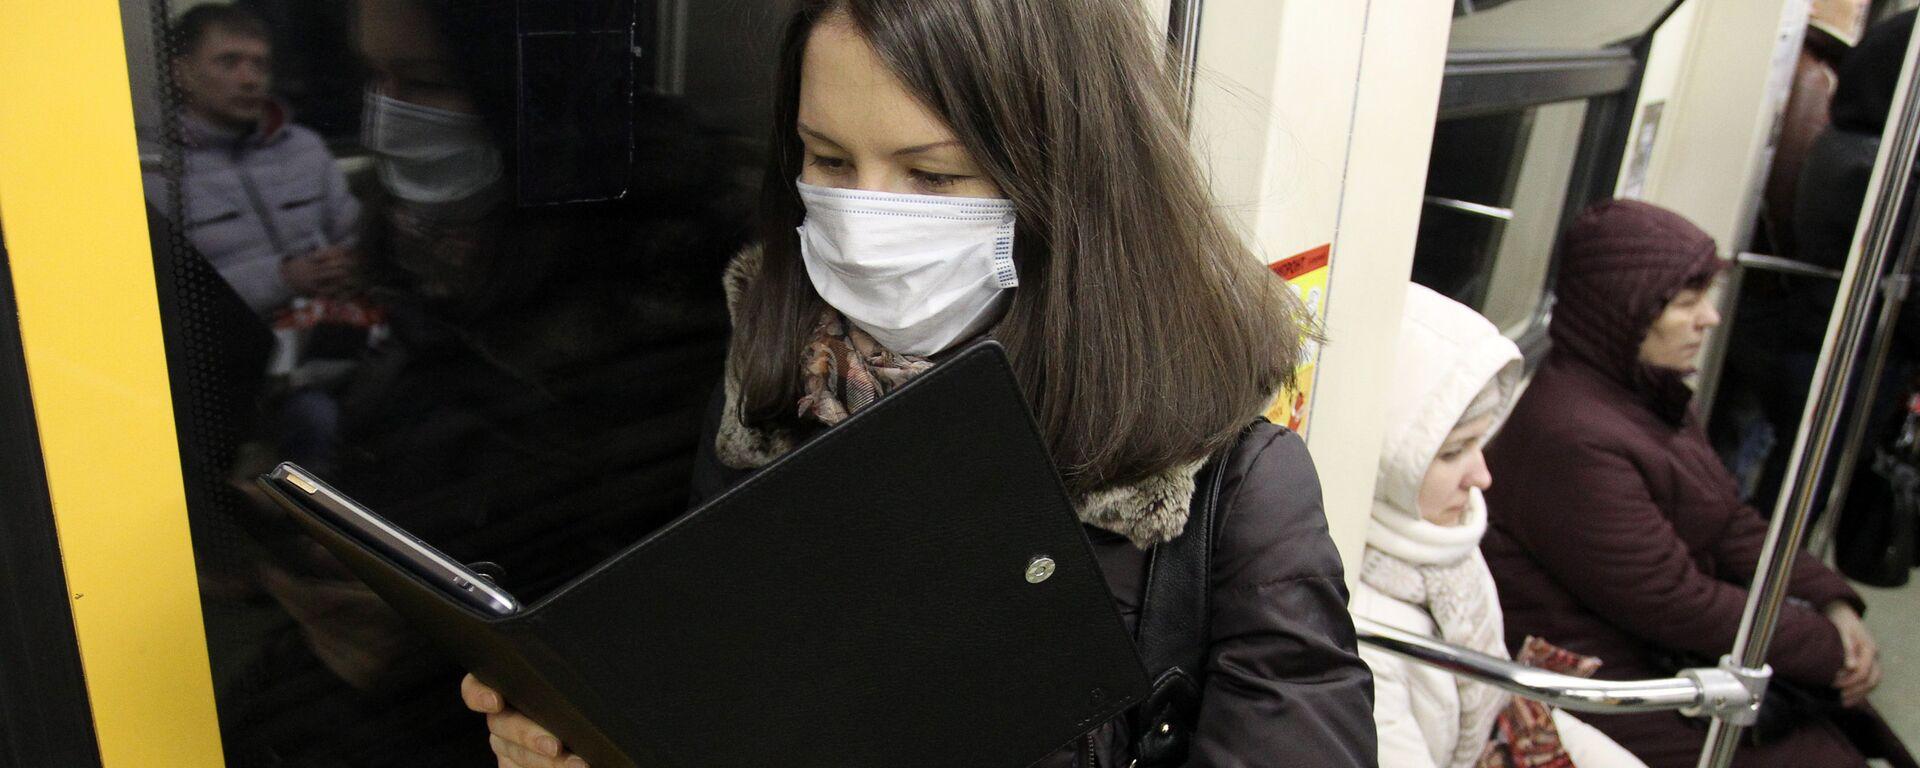 Девушка в защитной маске читает электронную книгу - Sputnik Грузия, 1920, 02.03.2021